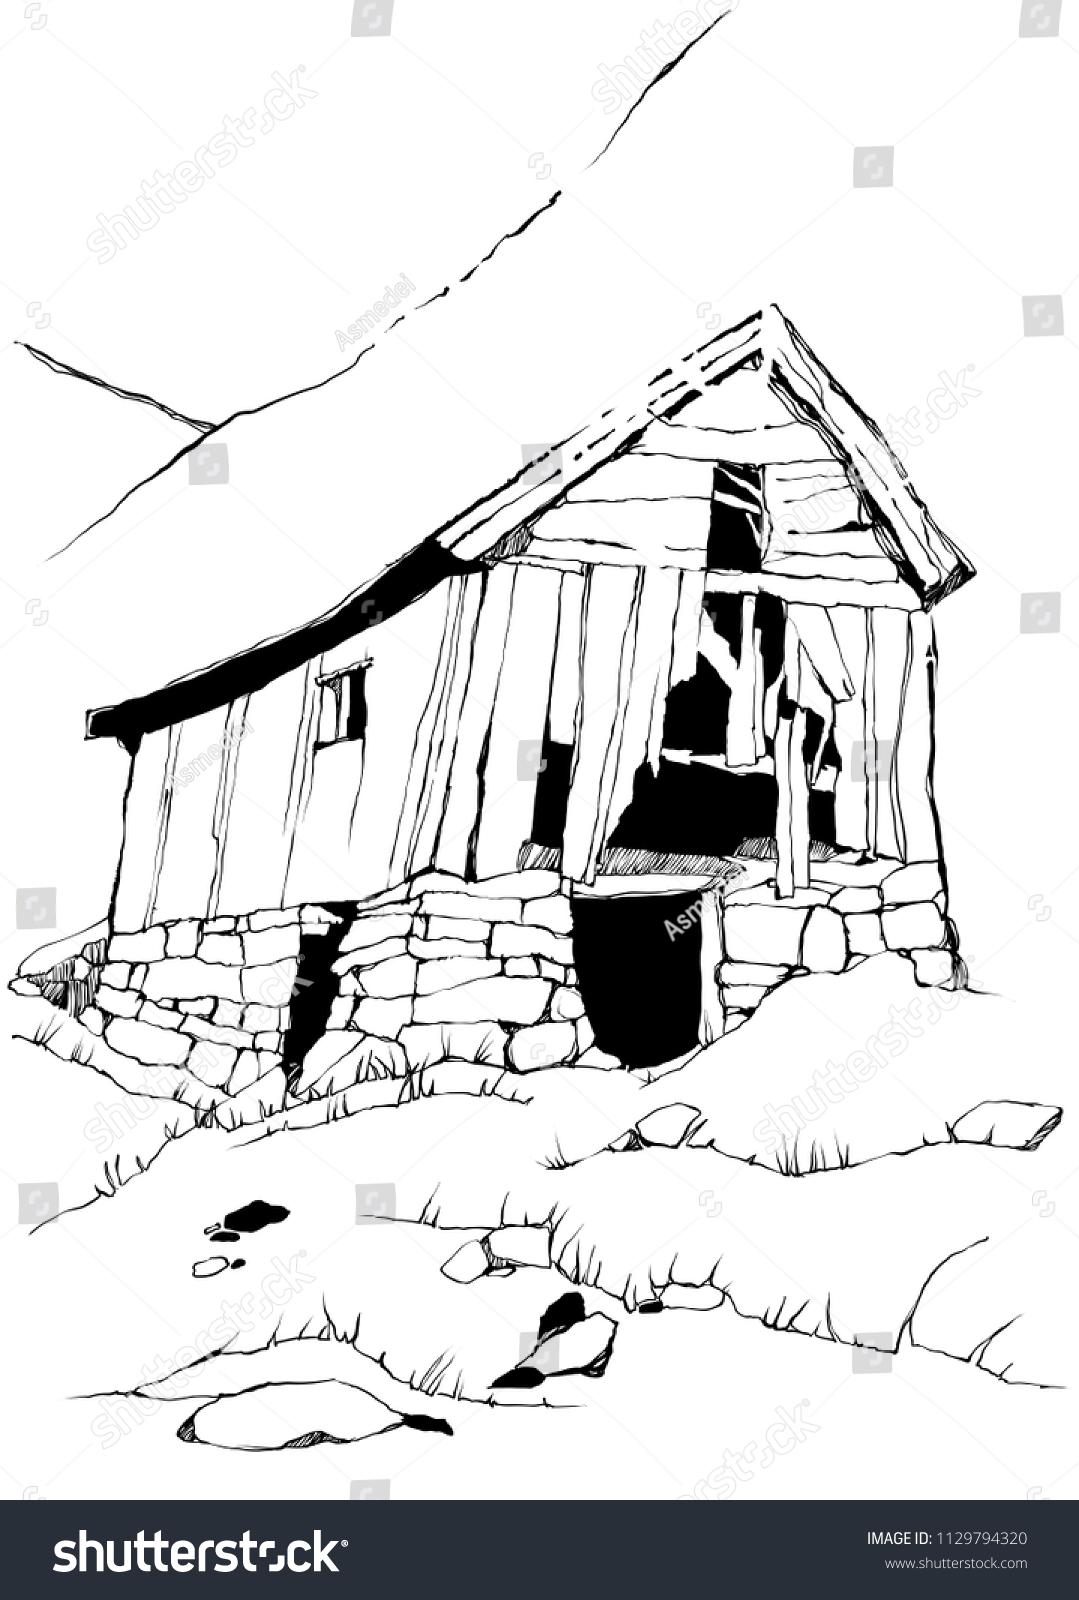 Maison En Ruine Dessin image vectorielle de stock de maison de campagne abandonnée